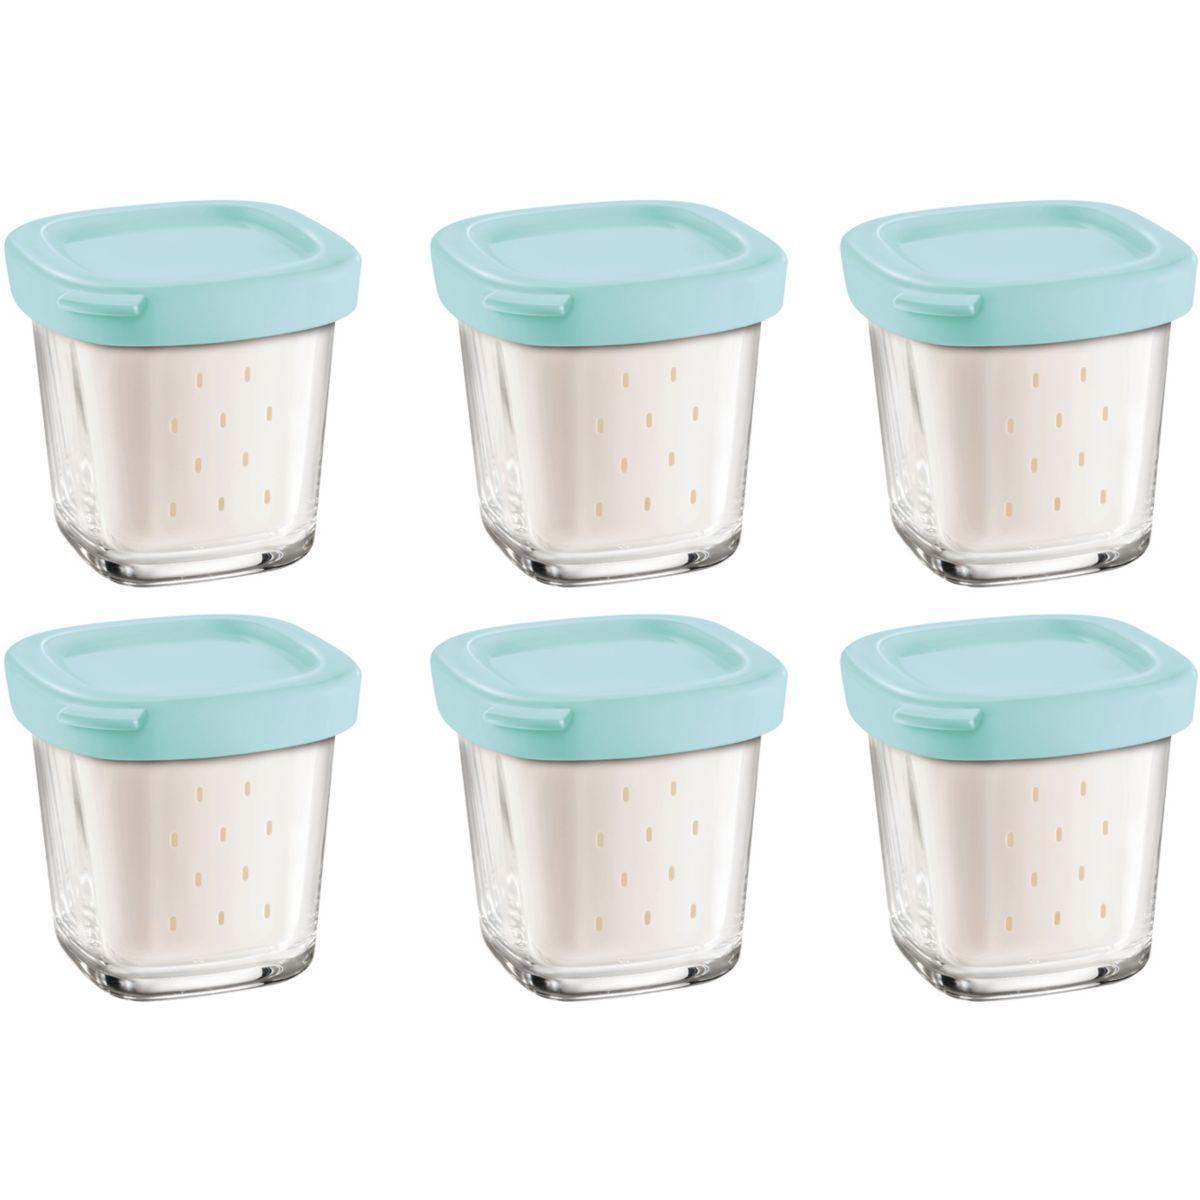 Pots seb xf100101 6 pots yaourt pour del - 15% de remise immédiate avec le code : cool15 (photo)